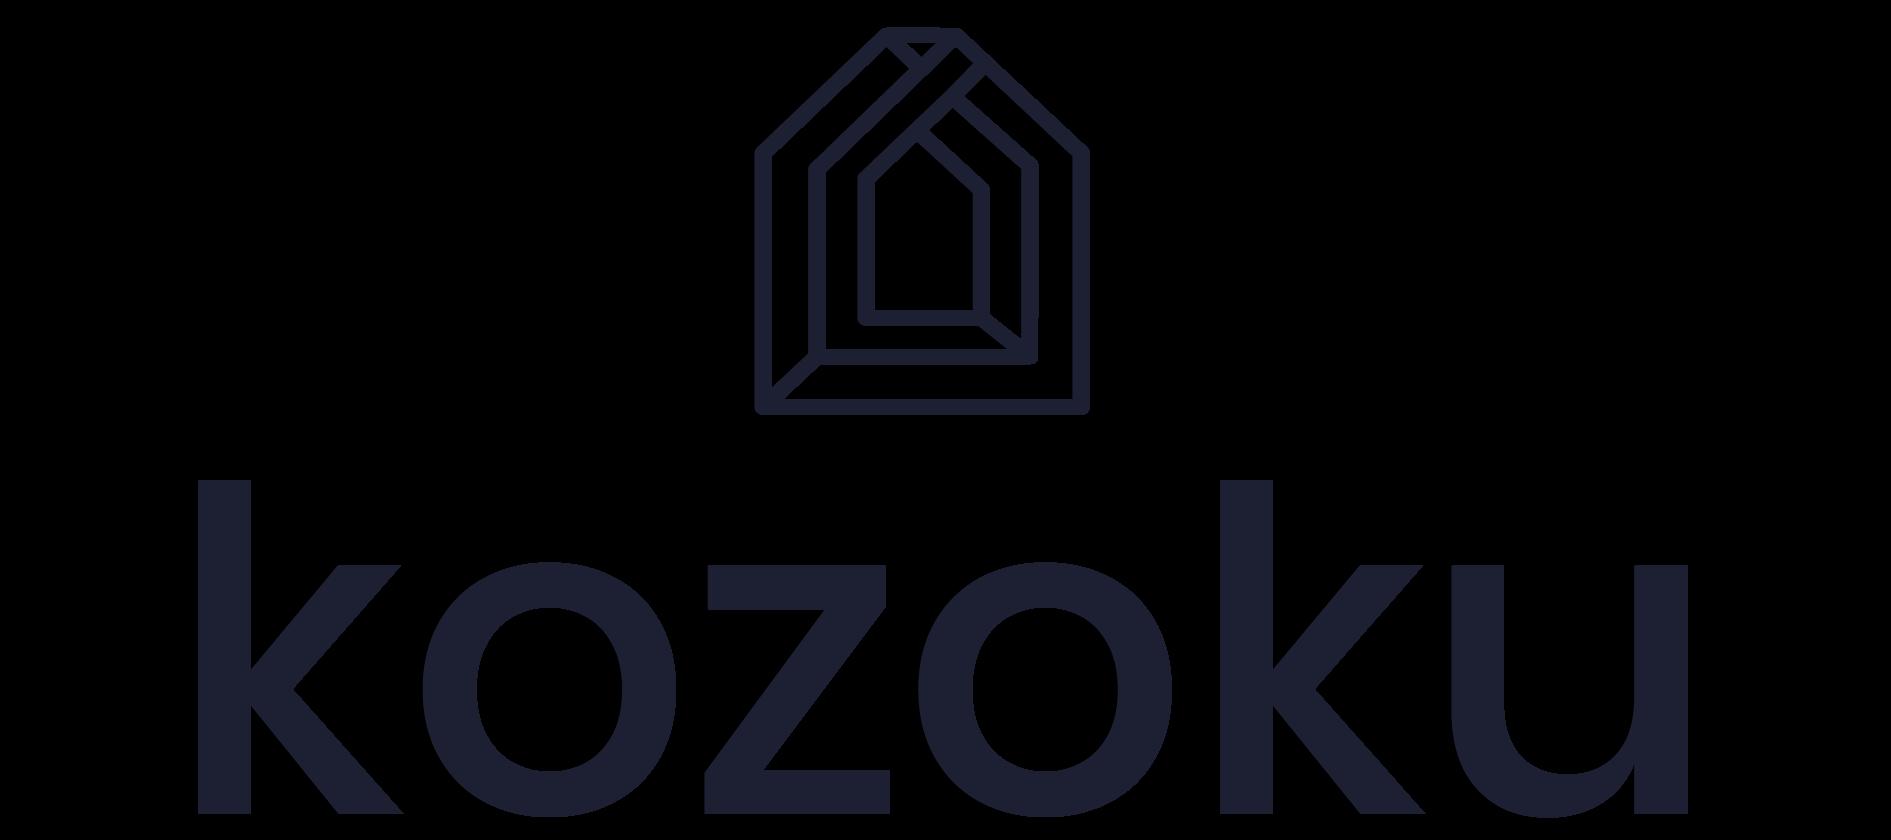 Kozoku